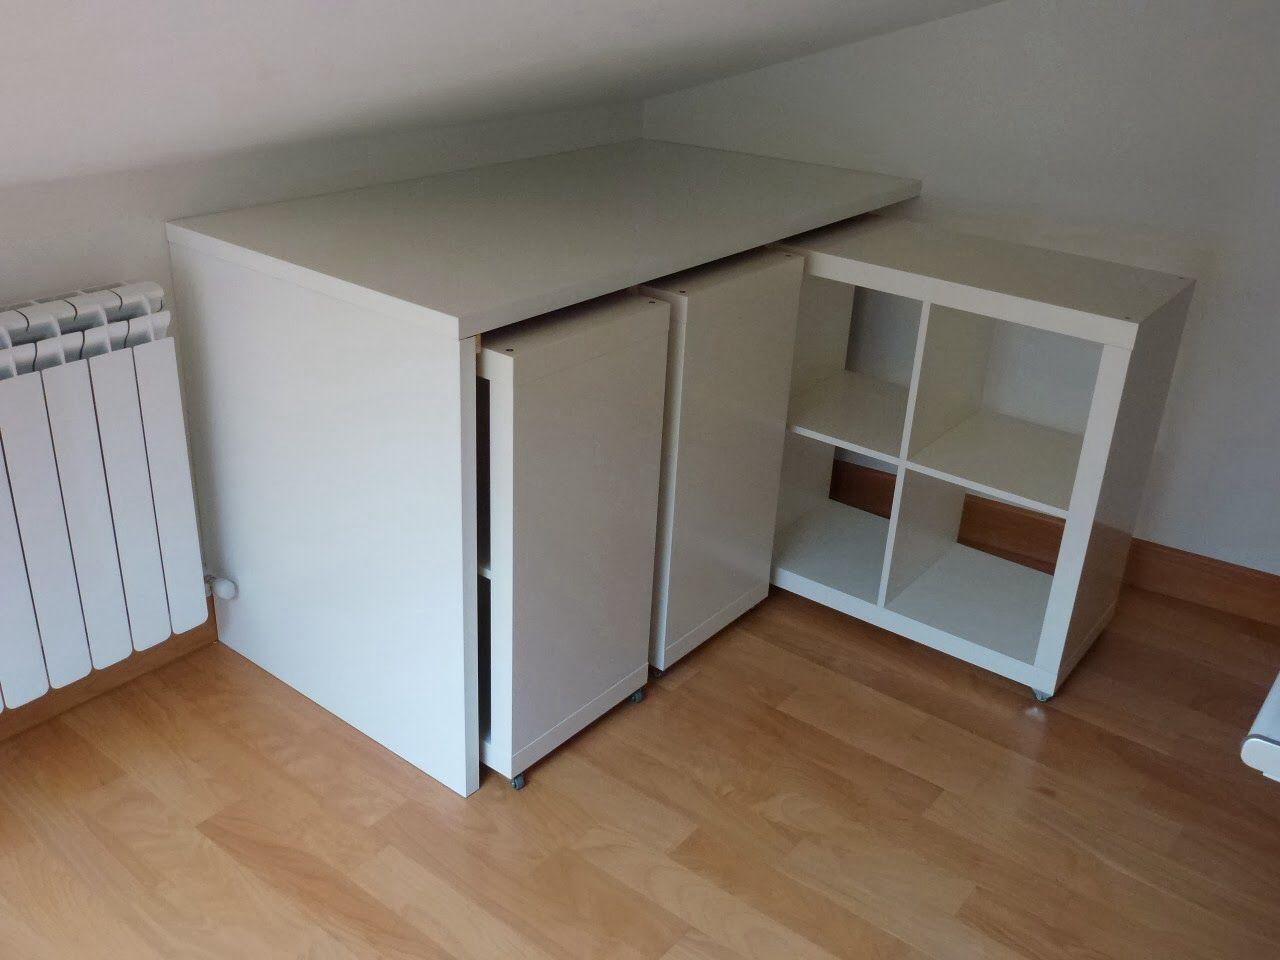 Gran Idea Con Muebles De Ikea Design Pinterest Ikea Ideas Y  # Muebles Raros Del Mundo